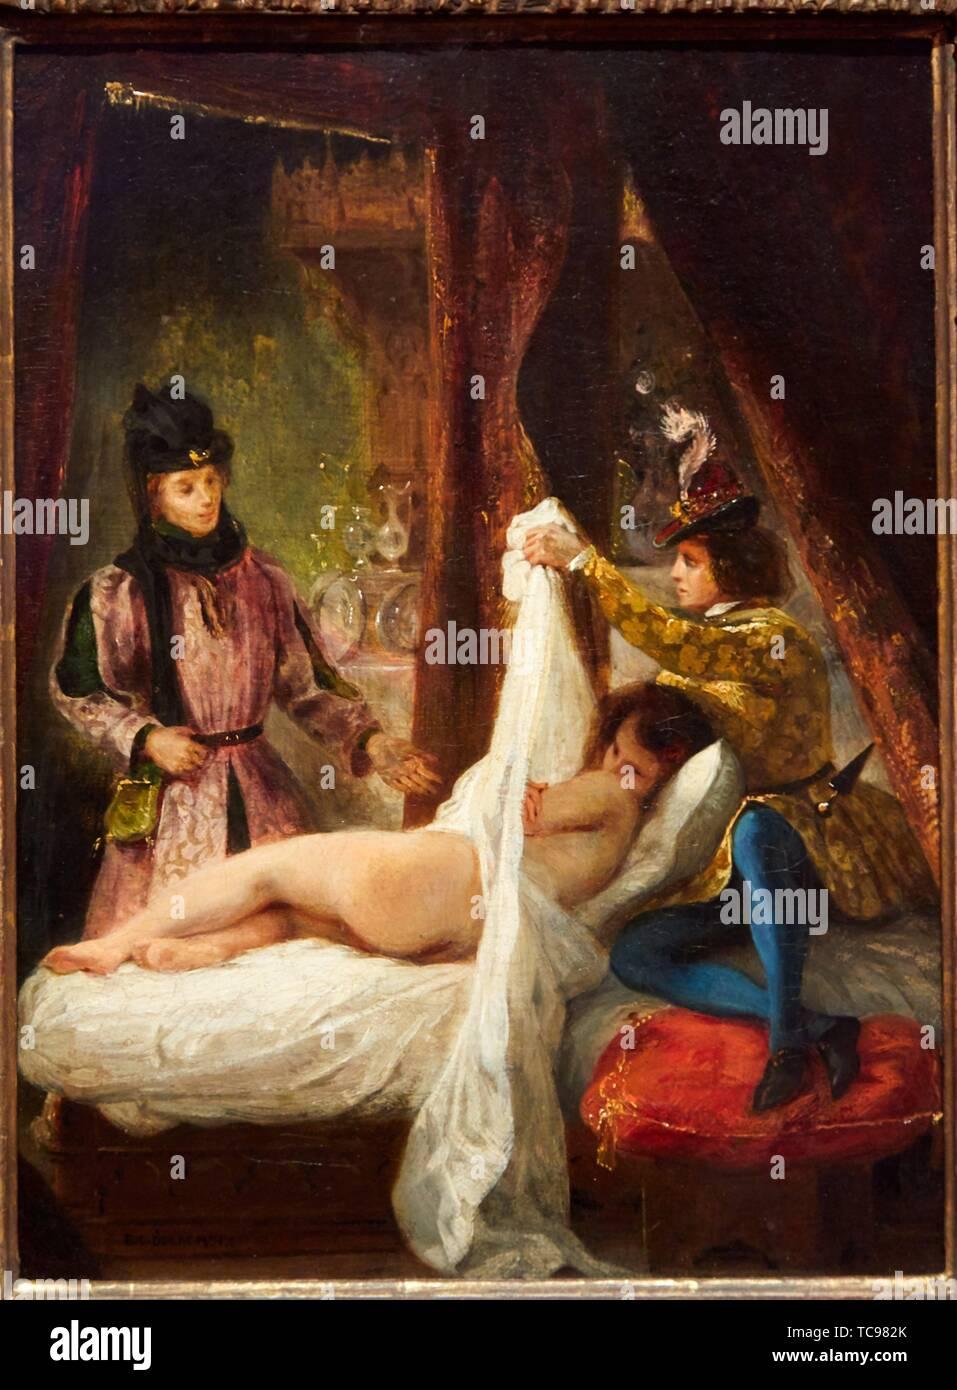 '''Il Duca d'Orleans che mostra la sua amante'', 1825-1826, Eugène Delacroix, Museo Thyssen Bornemisza, Madrid, Spagna, Europa Immagini Stock